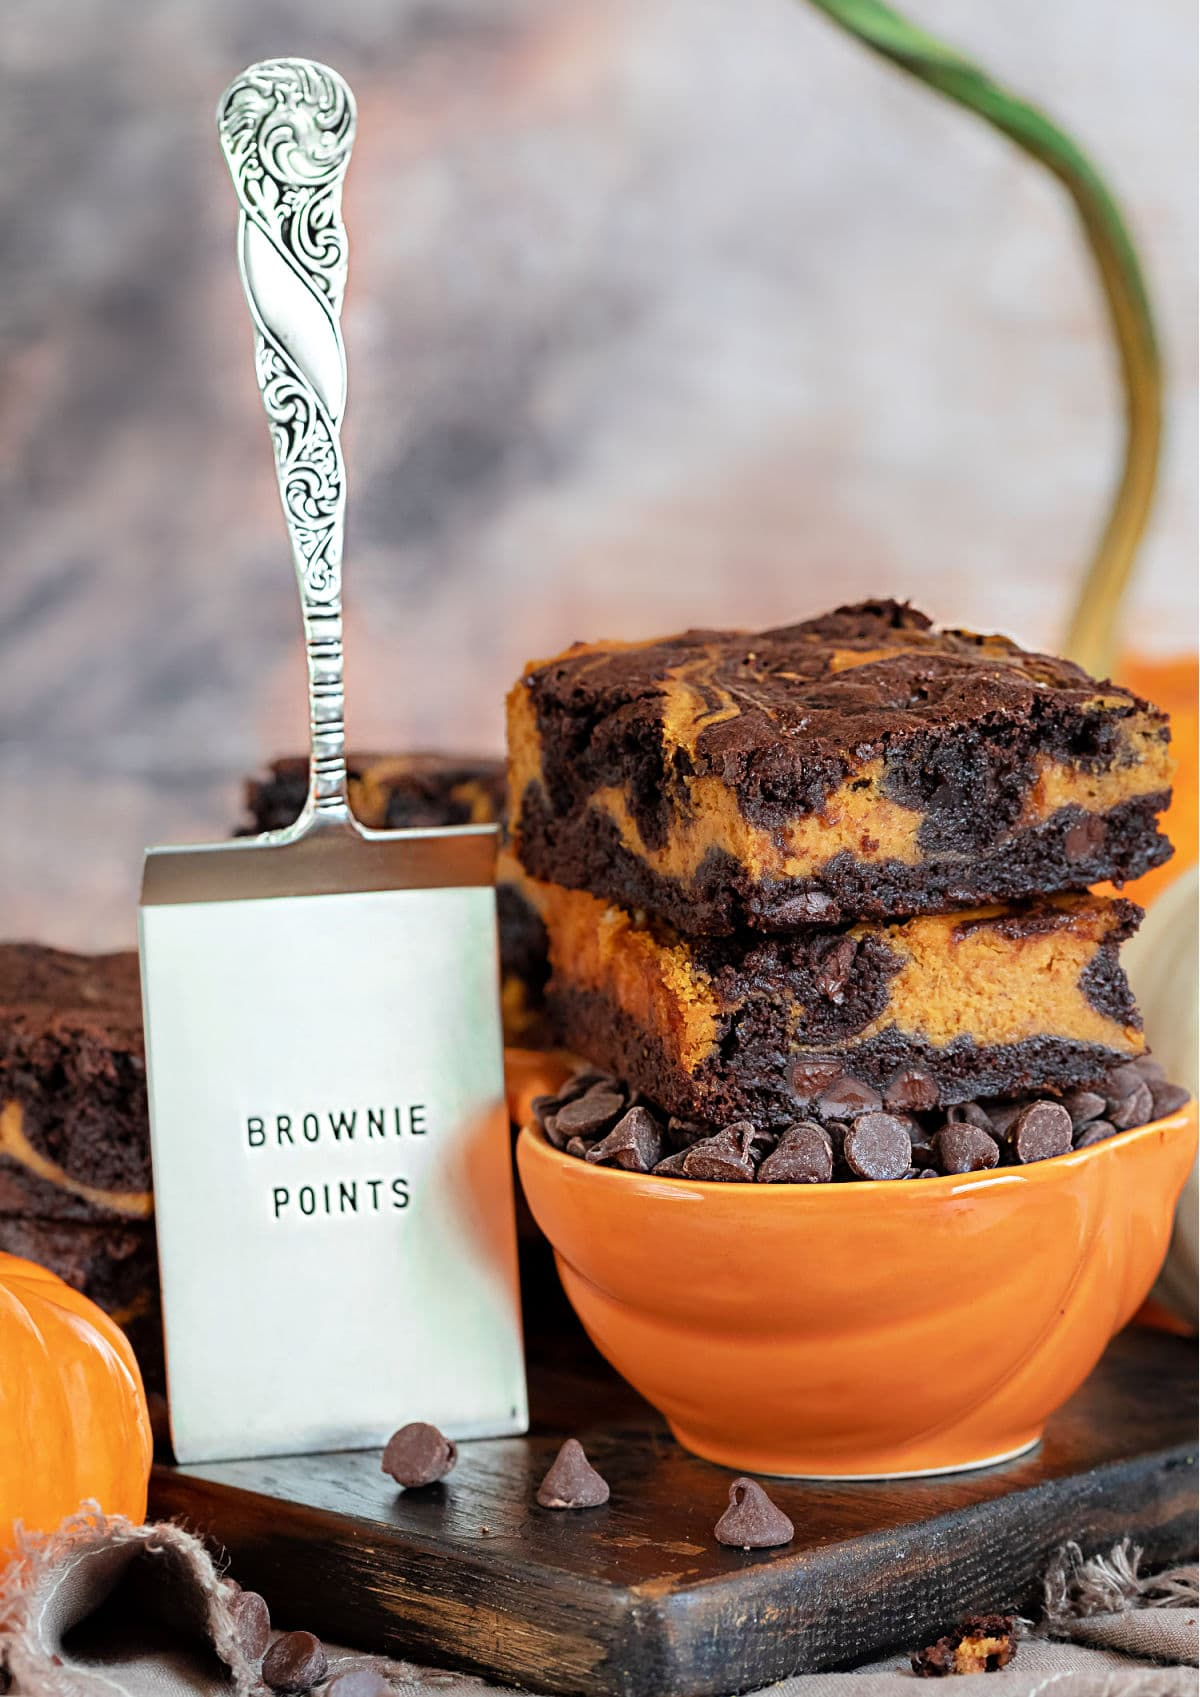 bolinhos de bolo de queijo de abóbora sentados numa tigela de laranja recheada com pedaços de chocolate com brownie server do lado esquerdo